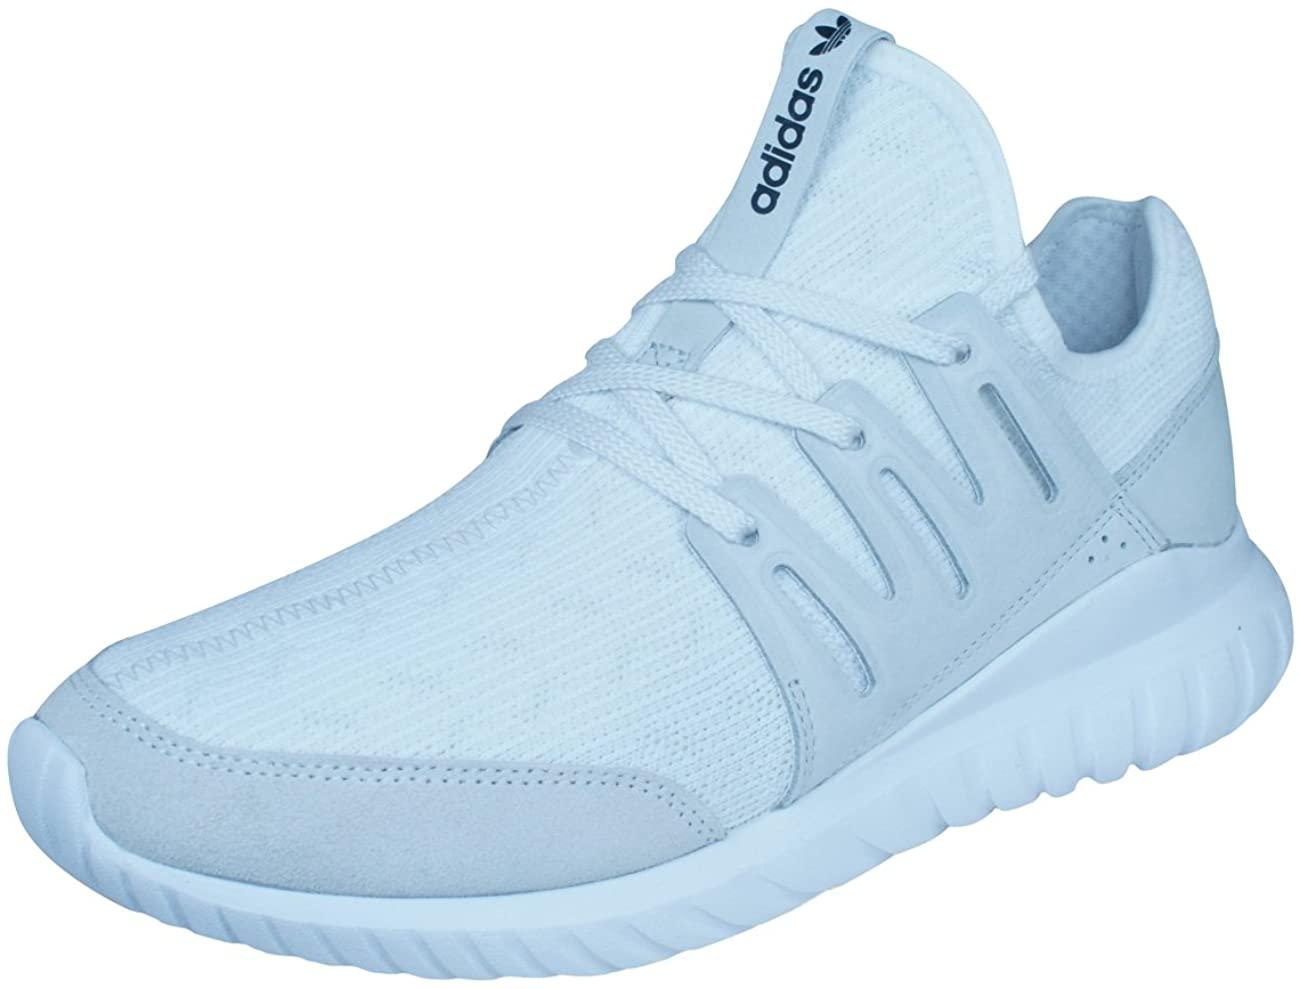 adidas Original Tubular Runner PK Mens Sneakers/Shoes